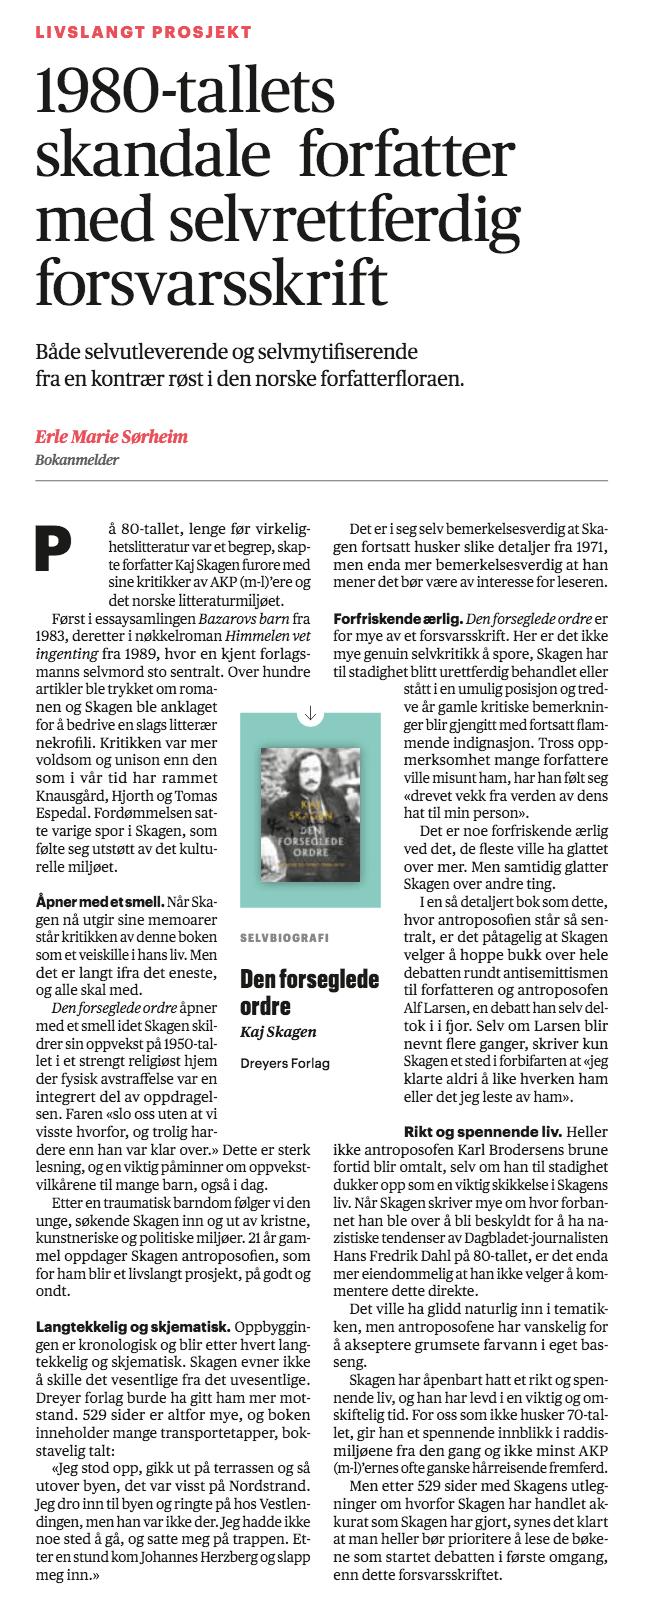 Erle Marie Sørheims anmeldelse i Aftenposten av Den forseglede ordre, 2019.